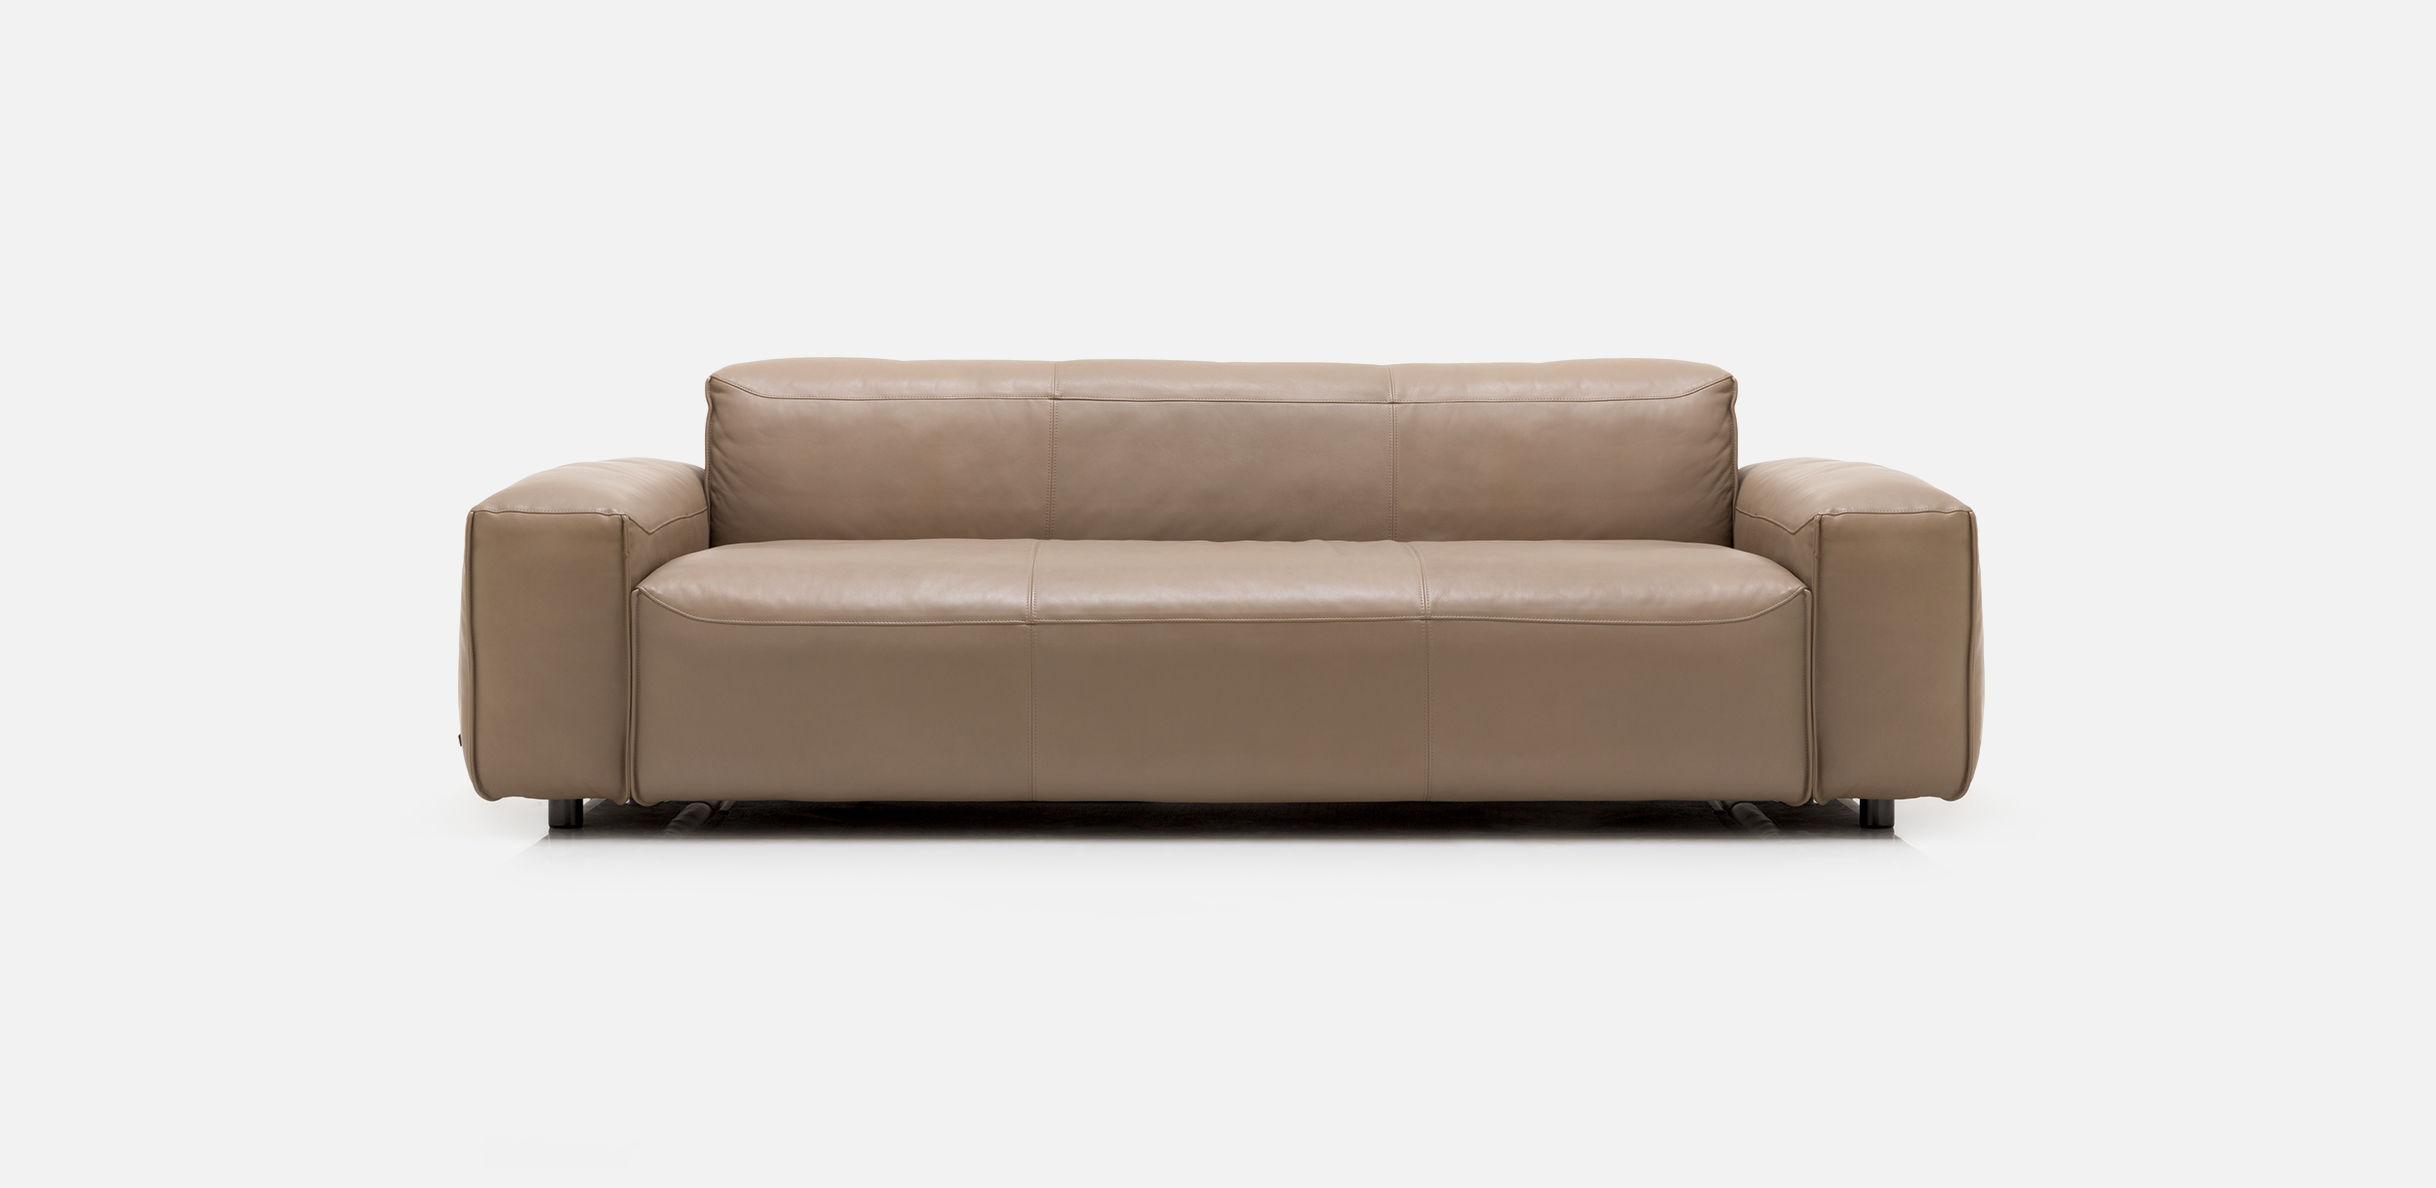 Blickfang Benz Couch Das Beste Von Corner Sofa / Modular / Contemporary /